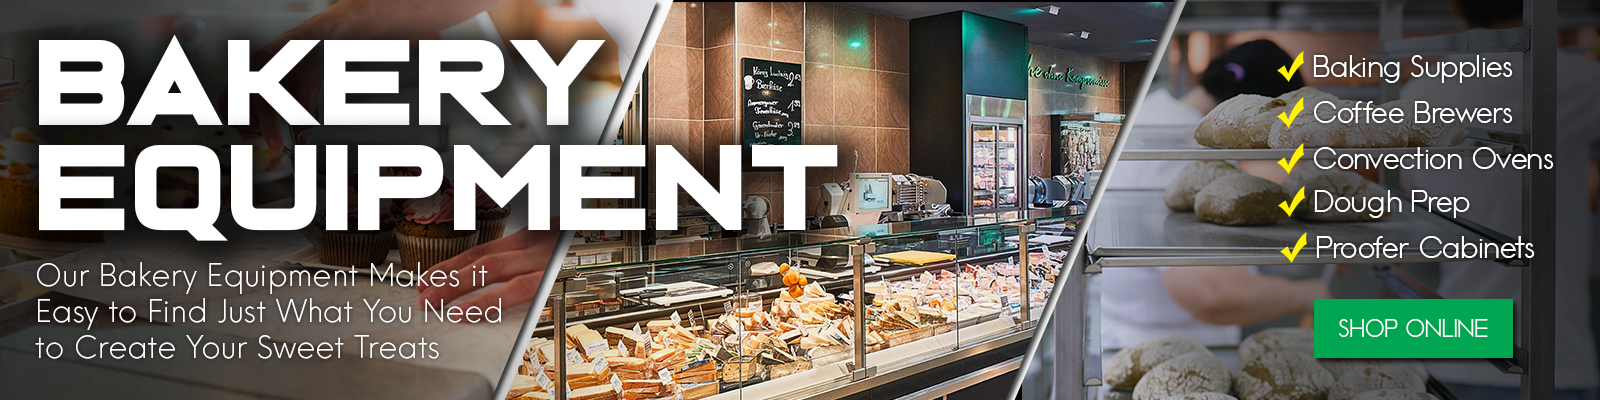 Commercial Bakery Equipment, Commercial Restaurant Equipment